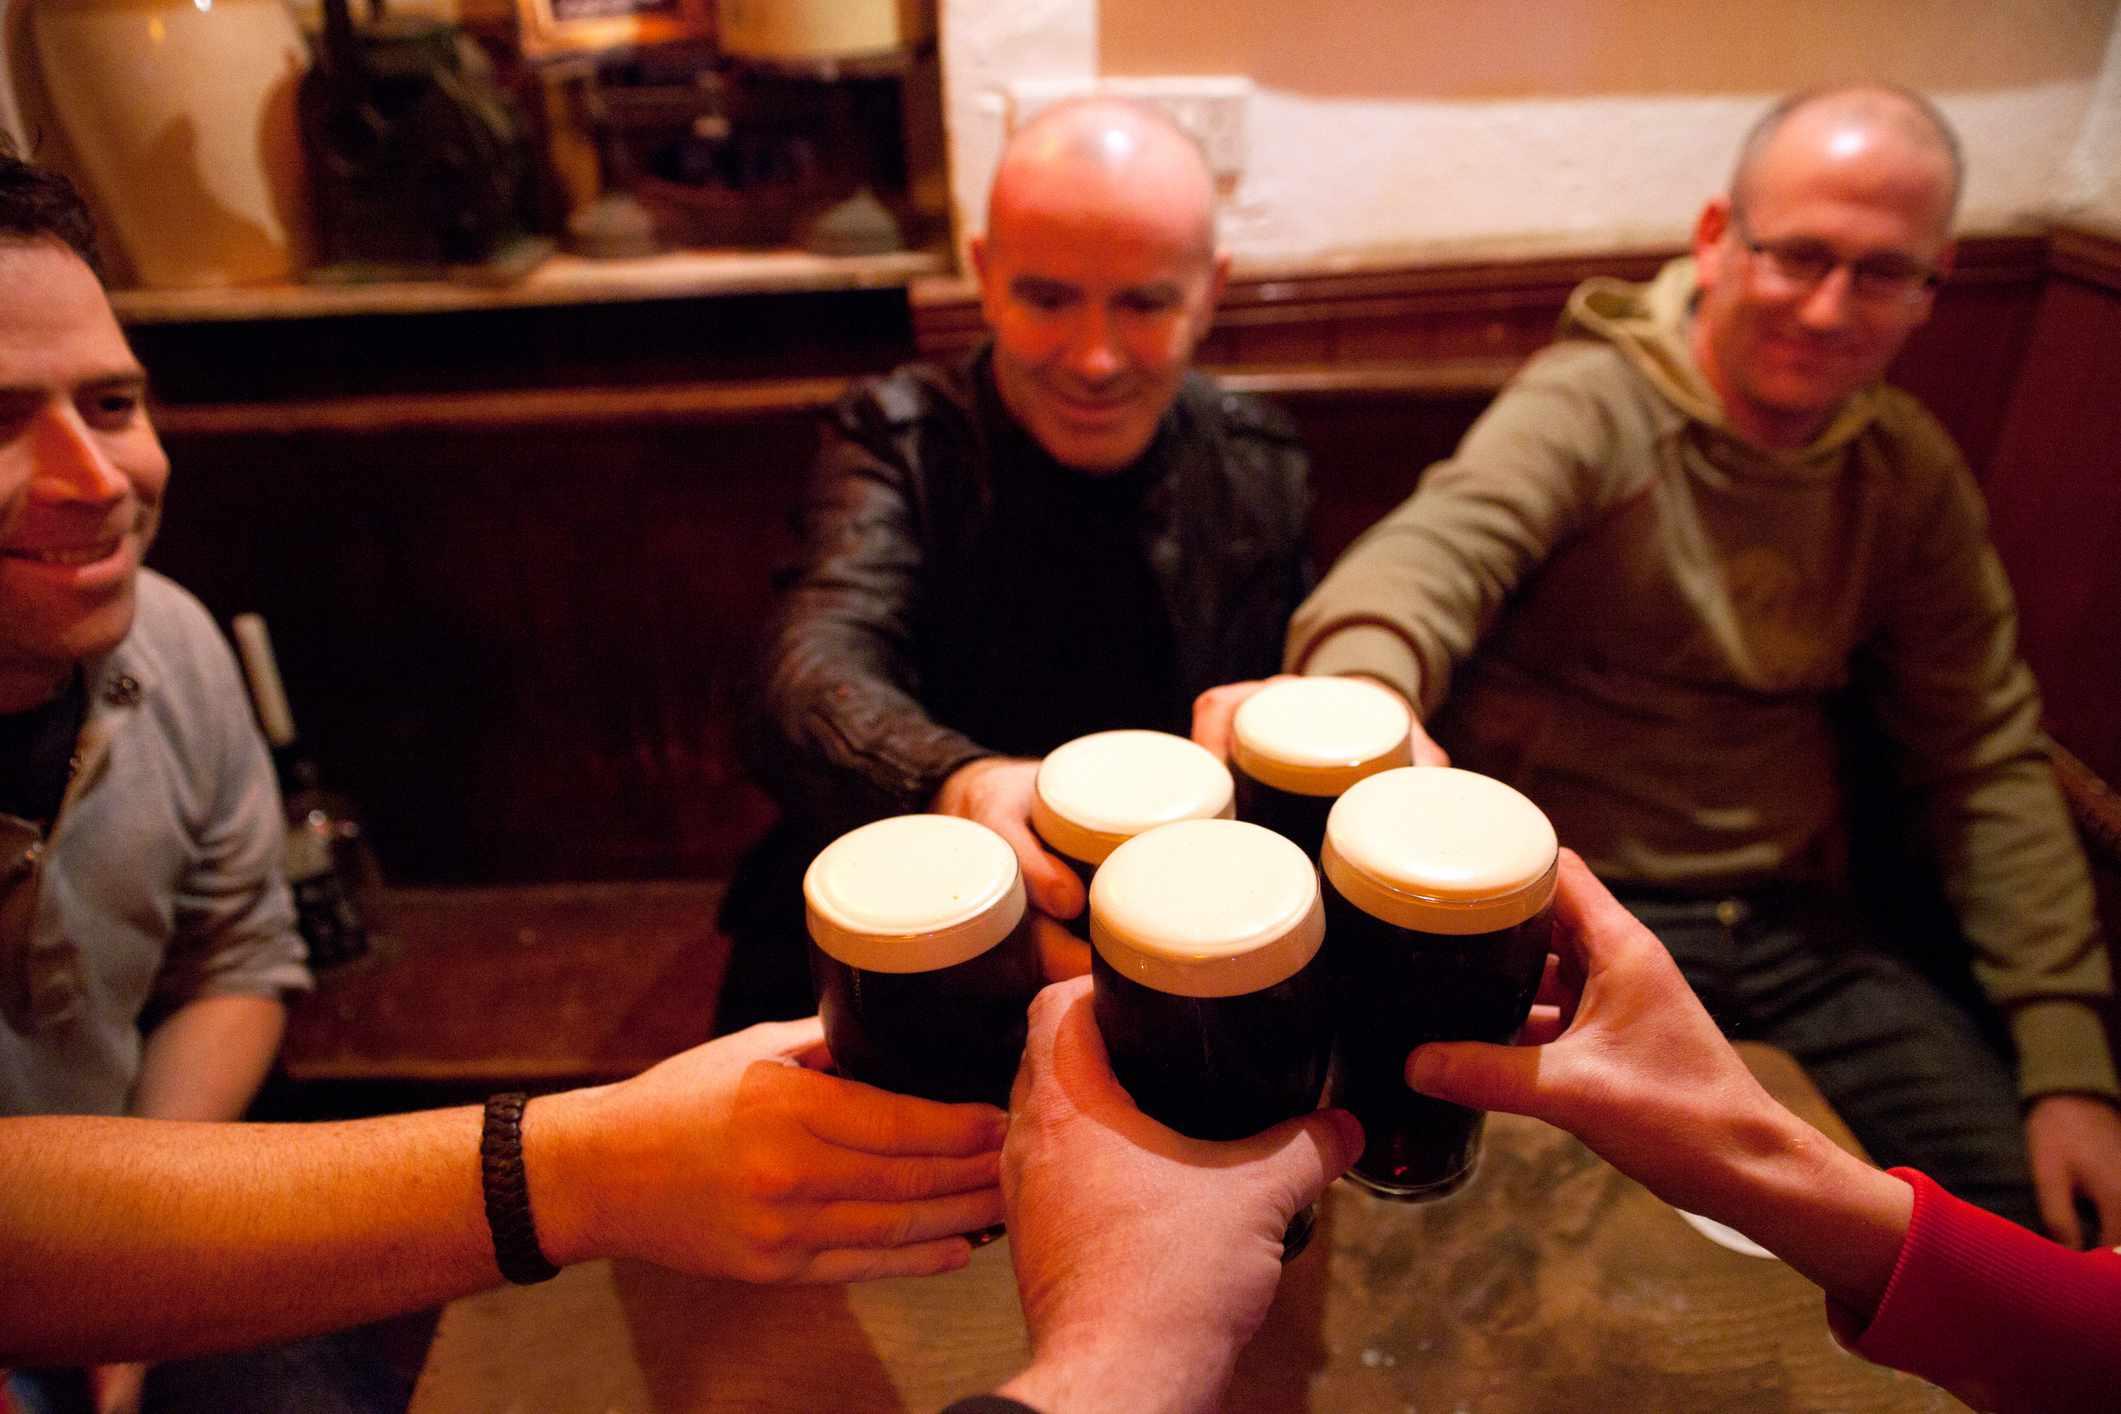 Hombres sosteniendo copas de cerveza negra